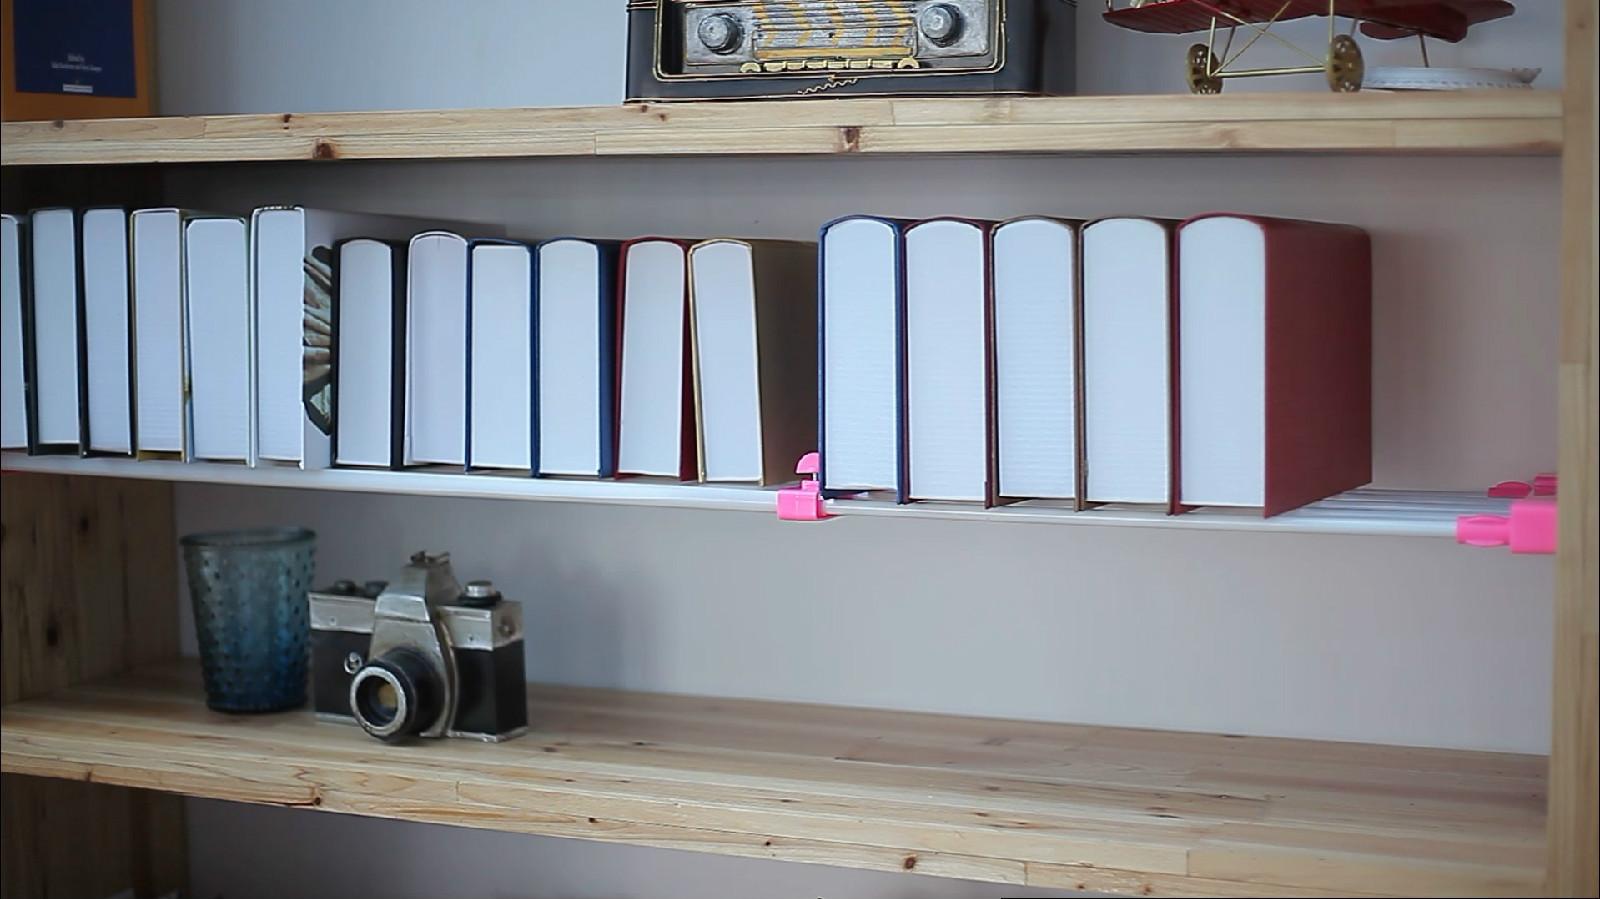 衣柜分层隔板橱柜鞋柜分隔储物架免钉伸缩收纳架隔板